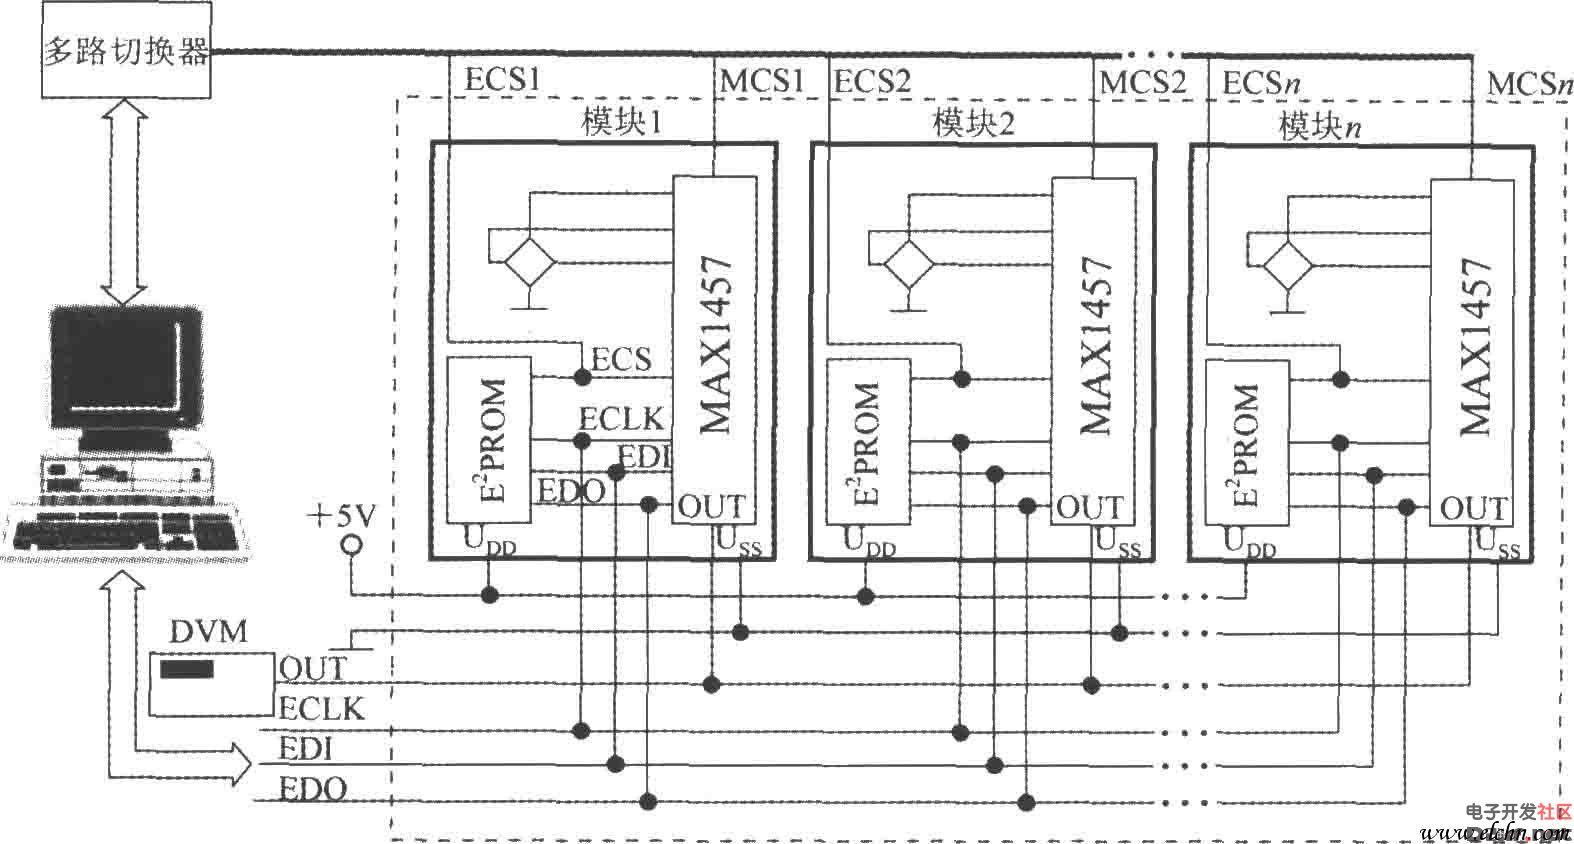 压力测试系统 高精度集成压力信号调理器max1 原理图论坛 单